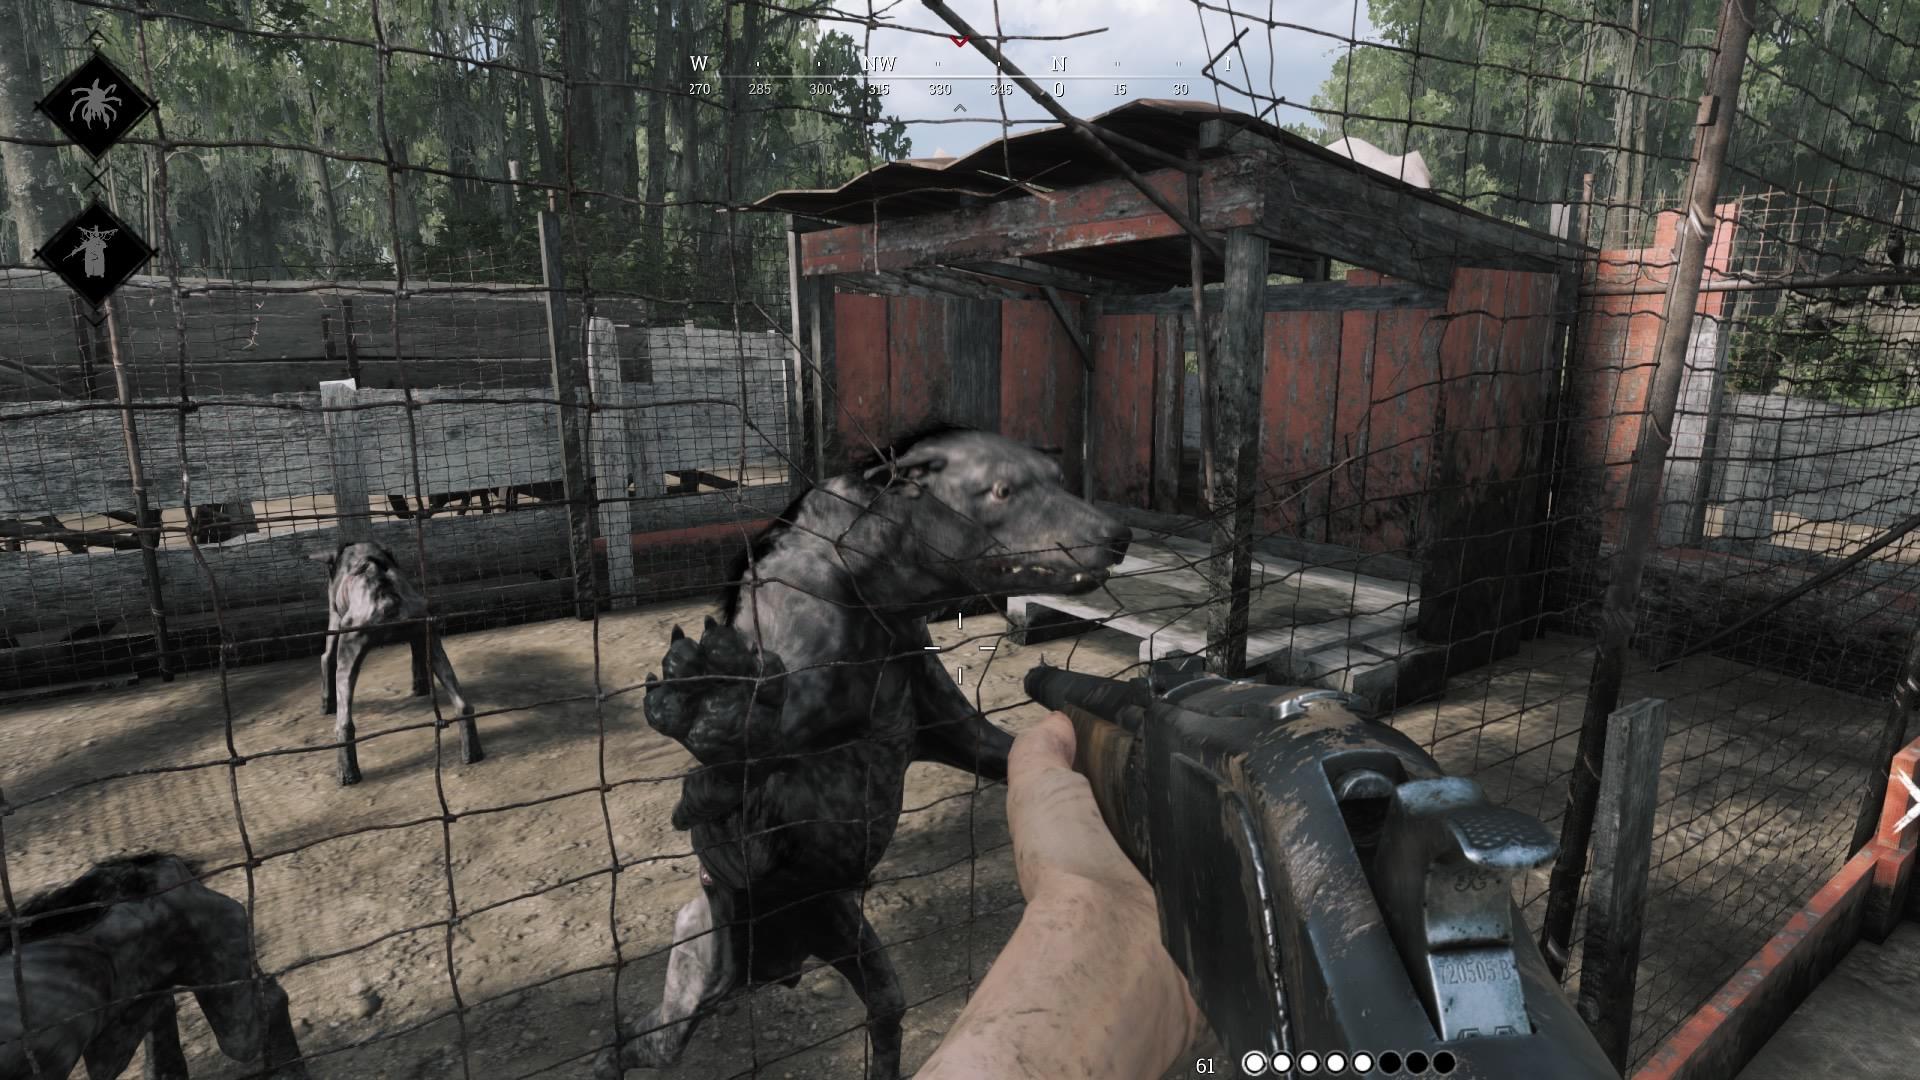 Llevamos varios días jugando a Hunt: Showdown en PS4. Es sorprendente que el juego haya pasado por mi nariz porque es único. 7